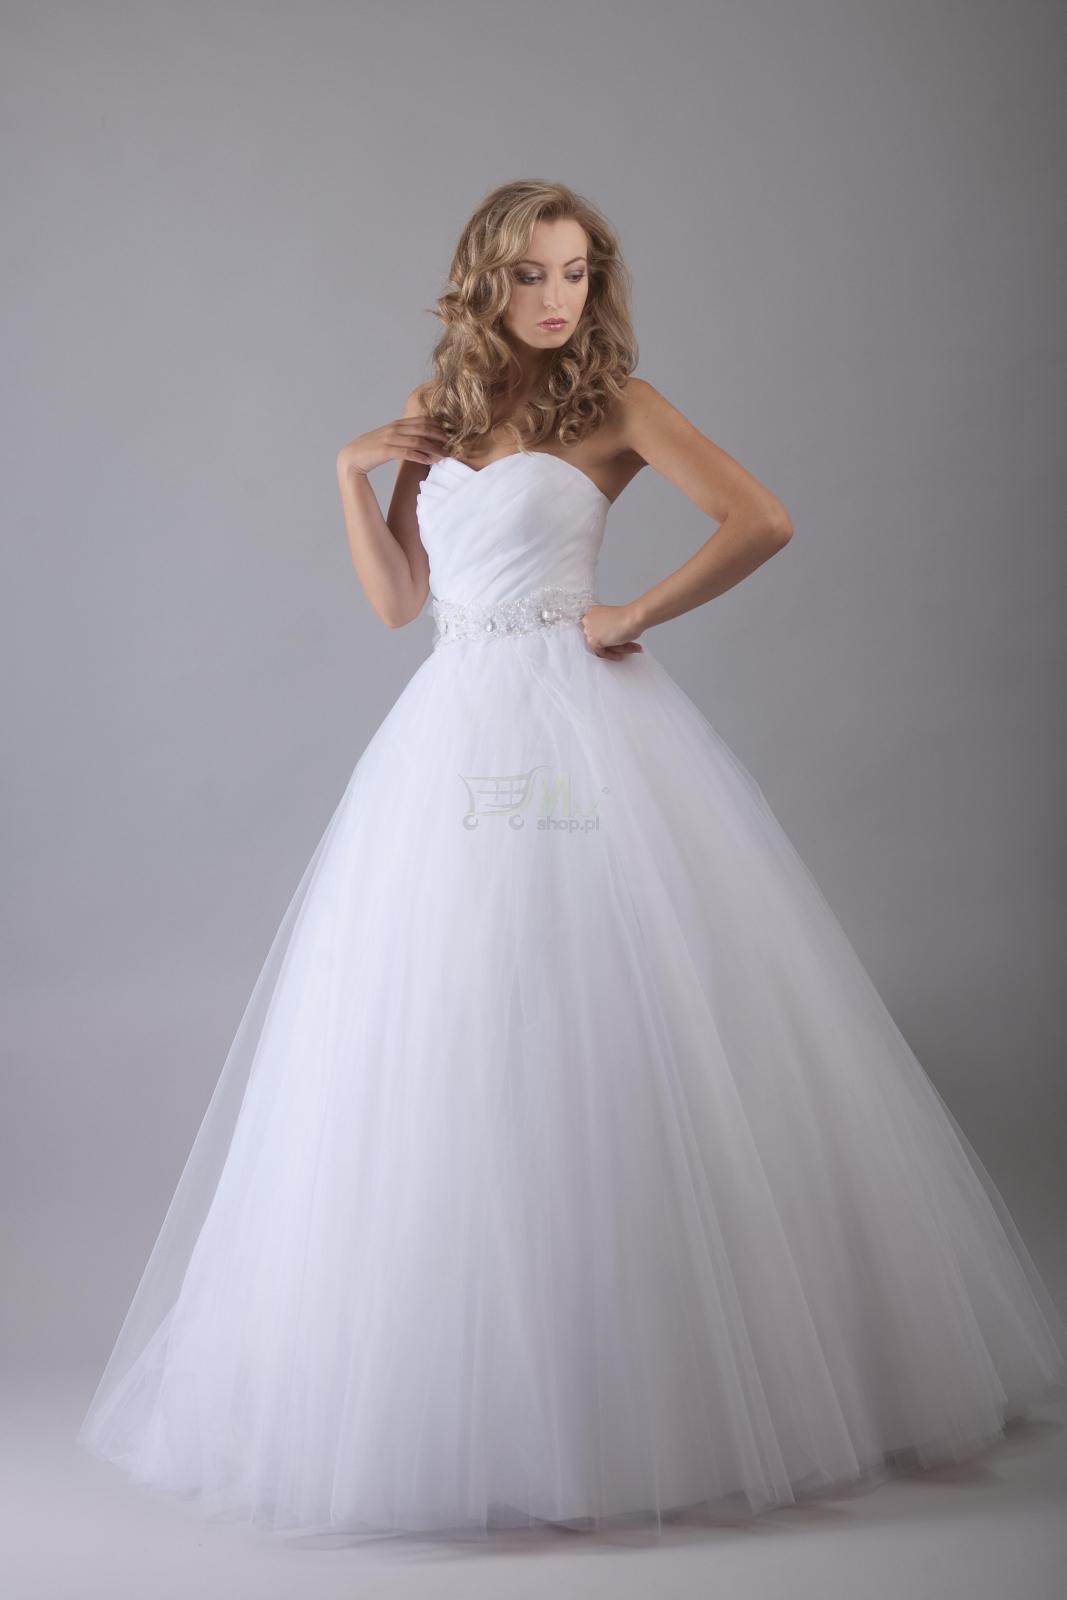 Suknia ślubna Latoya A 309 Bolerka Welony I Inne Dodatki ślubne